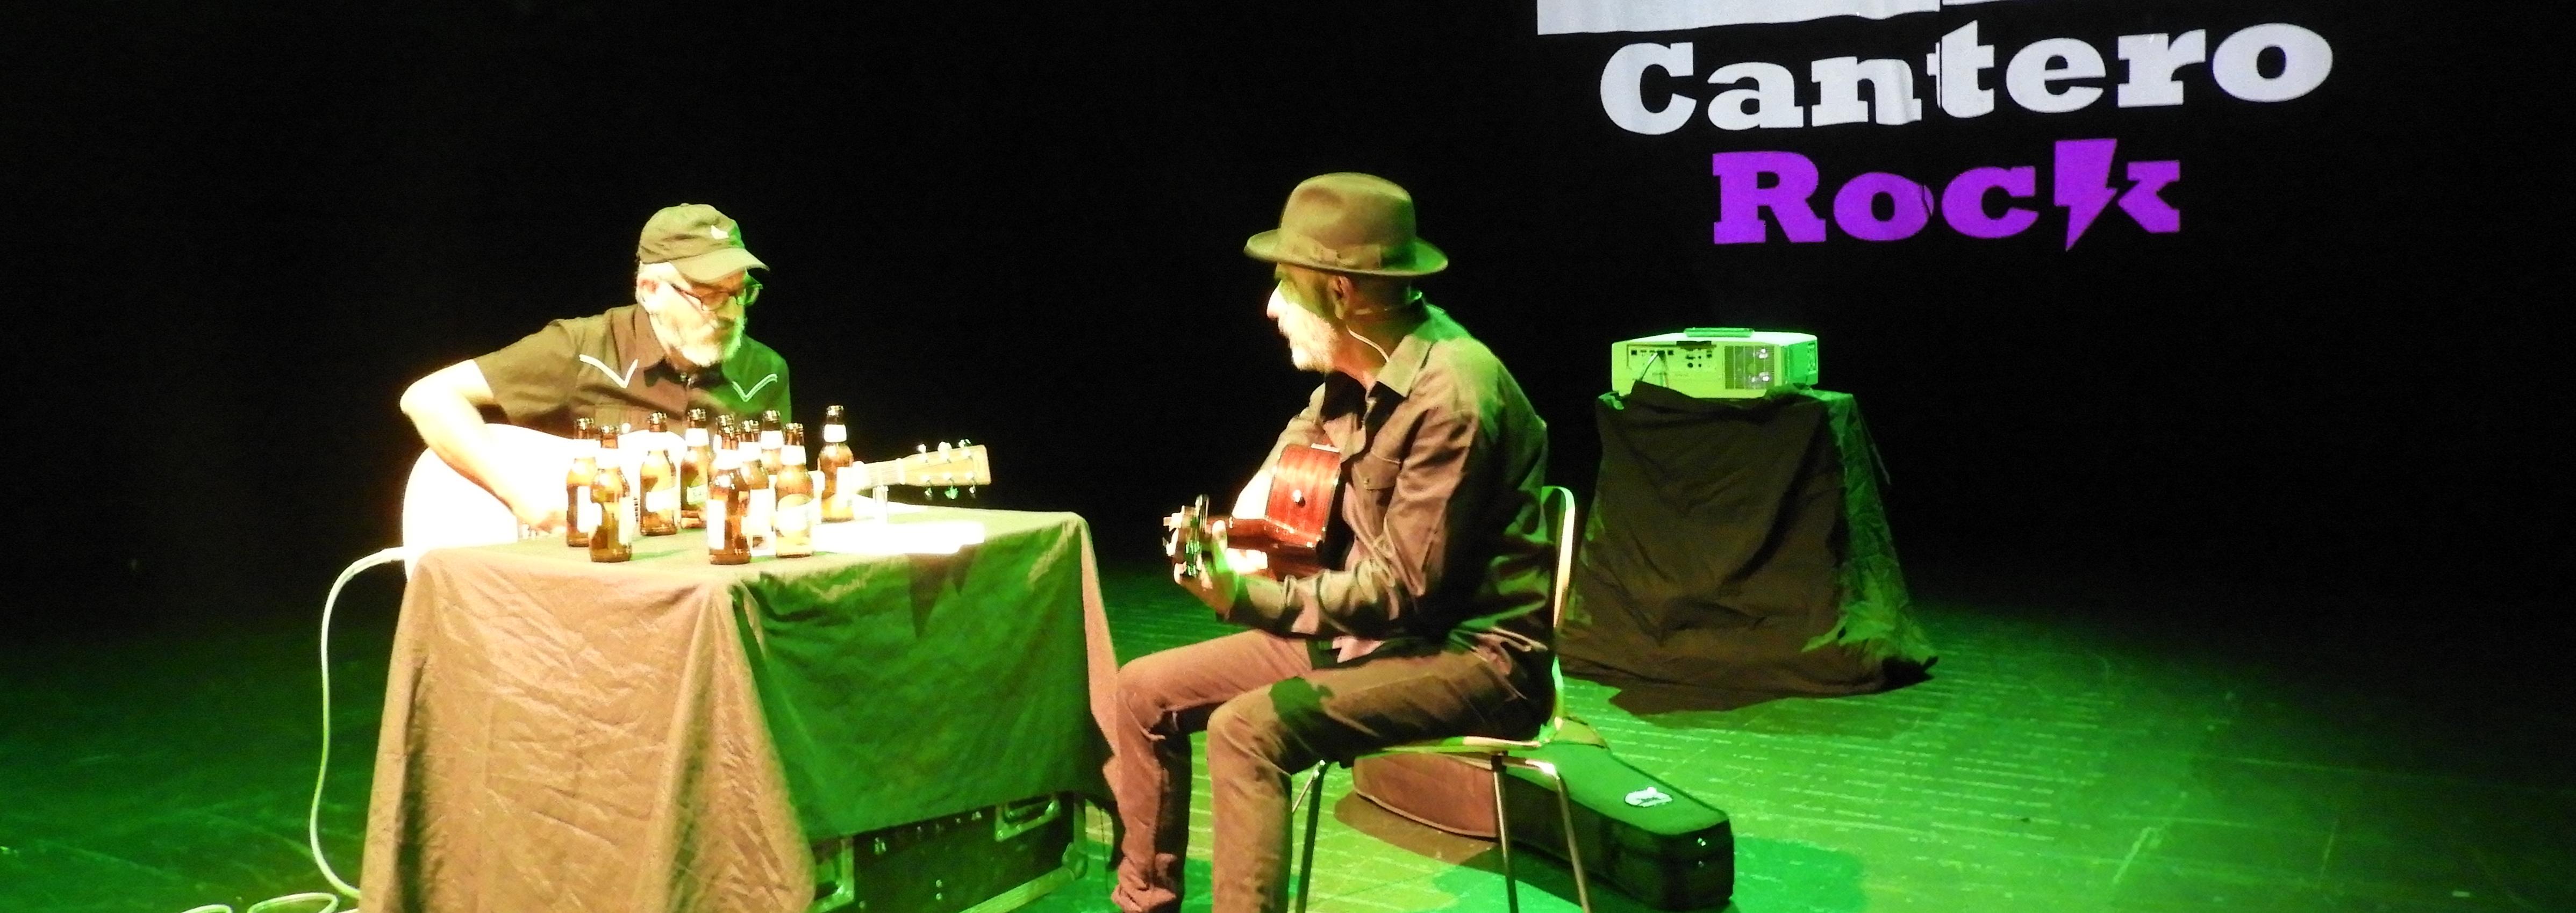 cantero rock 10.04.19